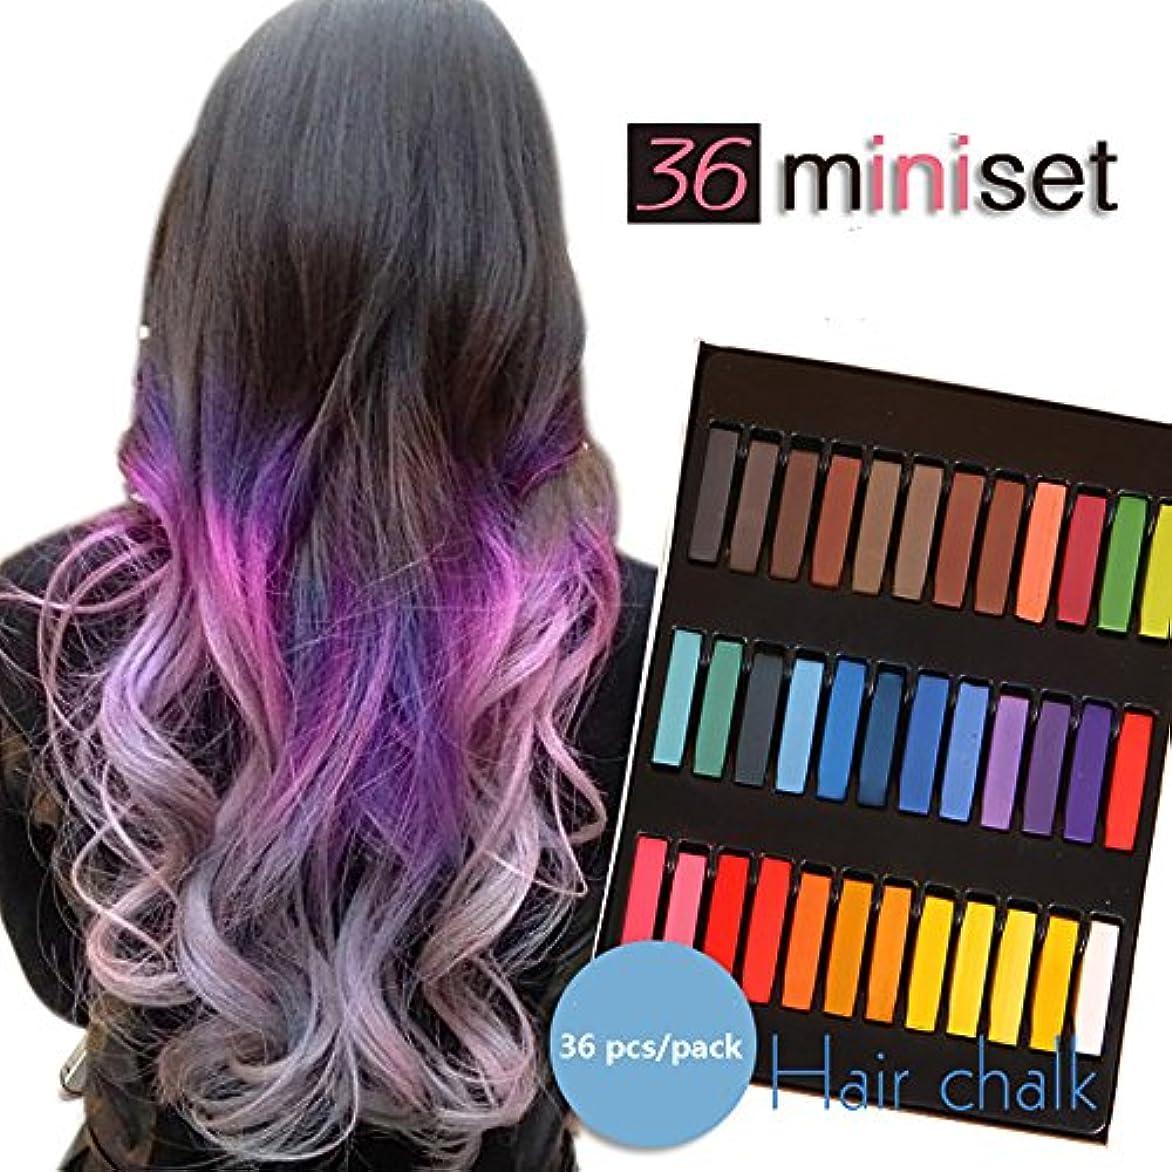 完璧な降雨グリル大ブレイク中!HAIR CHALKIN 選べる 6色/12色/24色/36色 髪専用に開発された安心商品! ヘアチョーク ヘアカラーチョーク 一日だけのヘアカラーでイメチェンが楽しめる!美容室のヘアカラーでは表現しづらい...